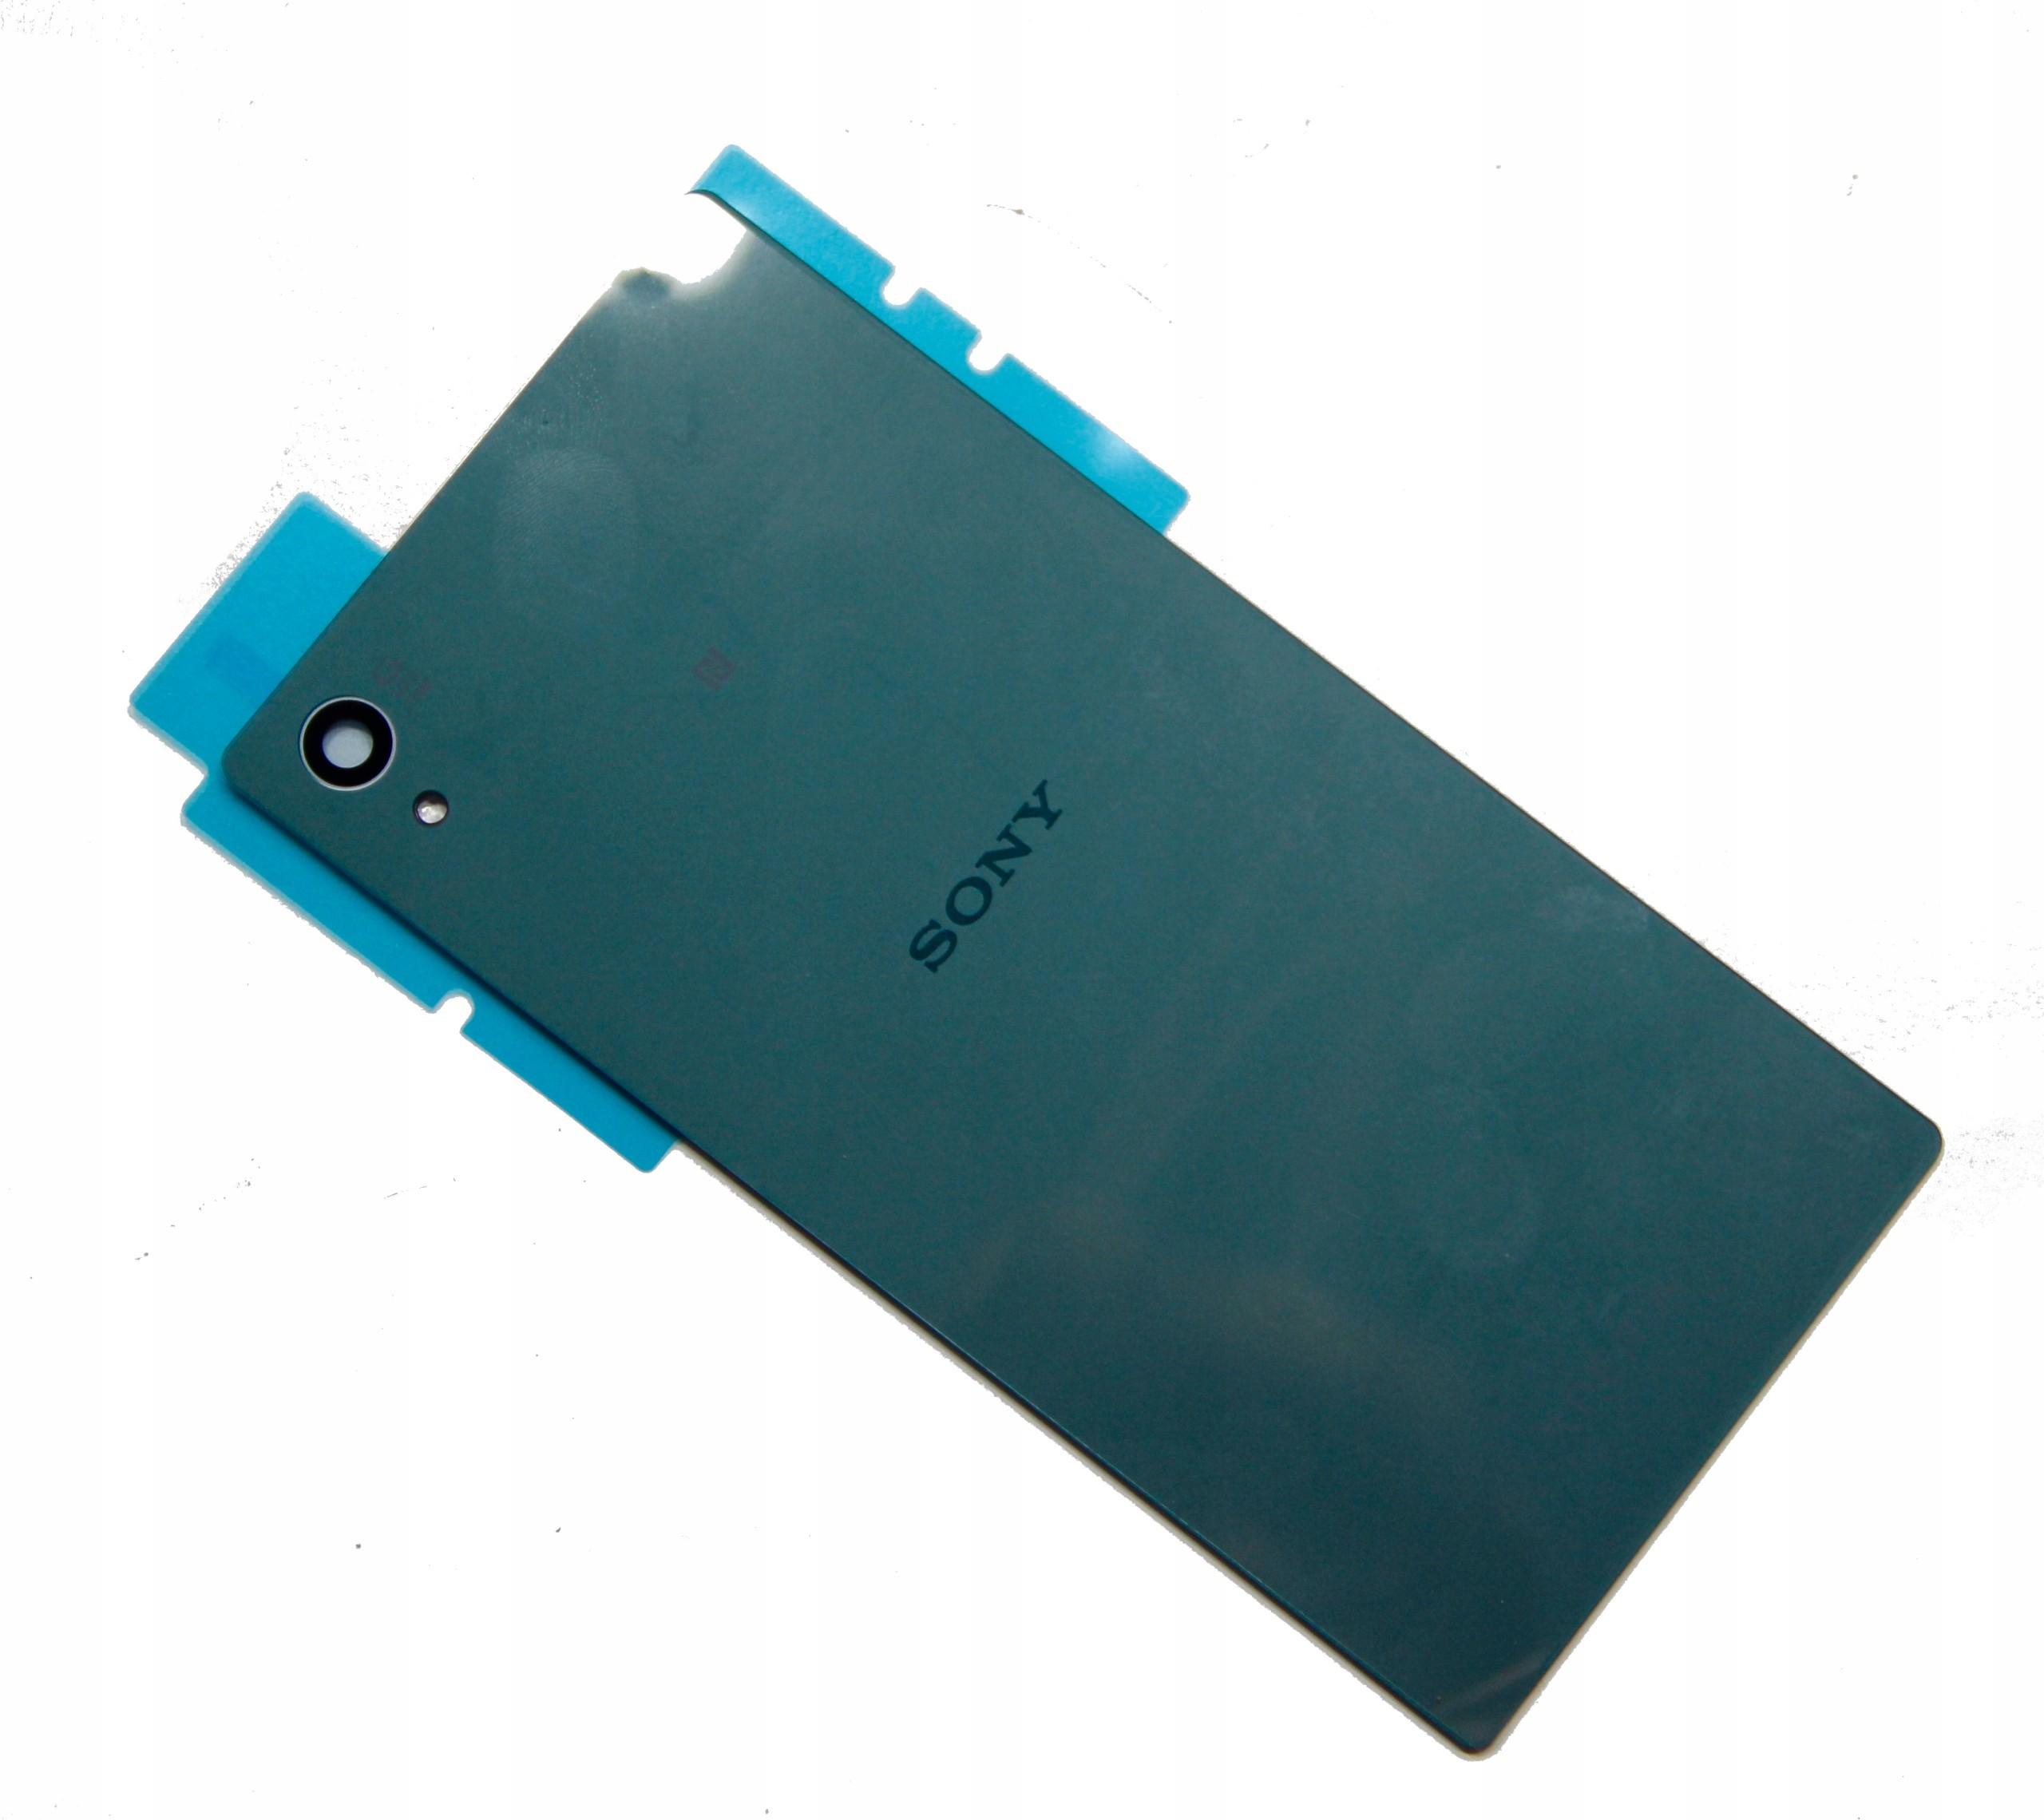 Sony Nowa Obudowa Baterii Xperia Z5 Dual Zielona